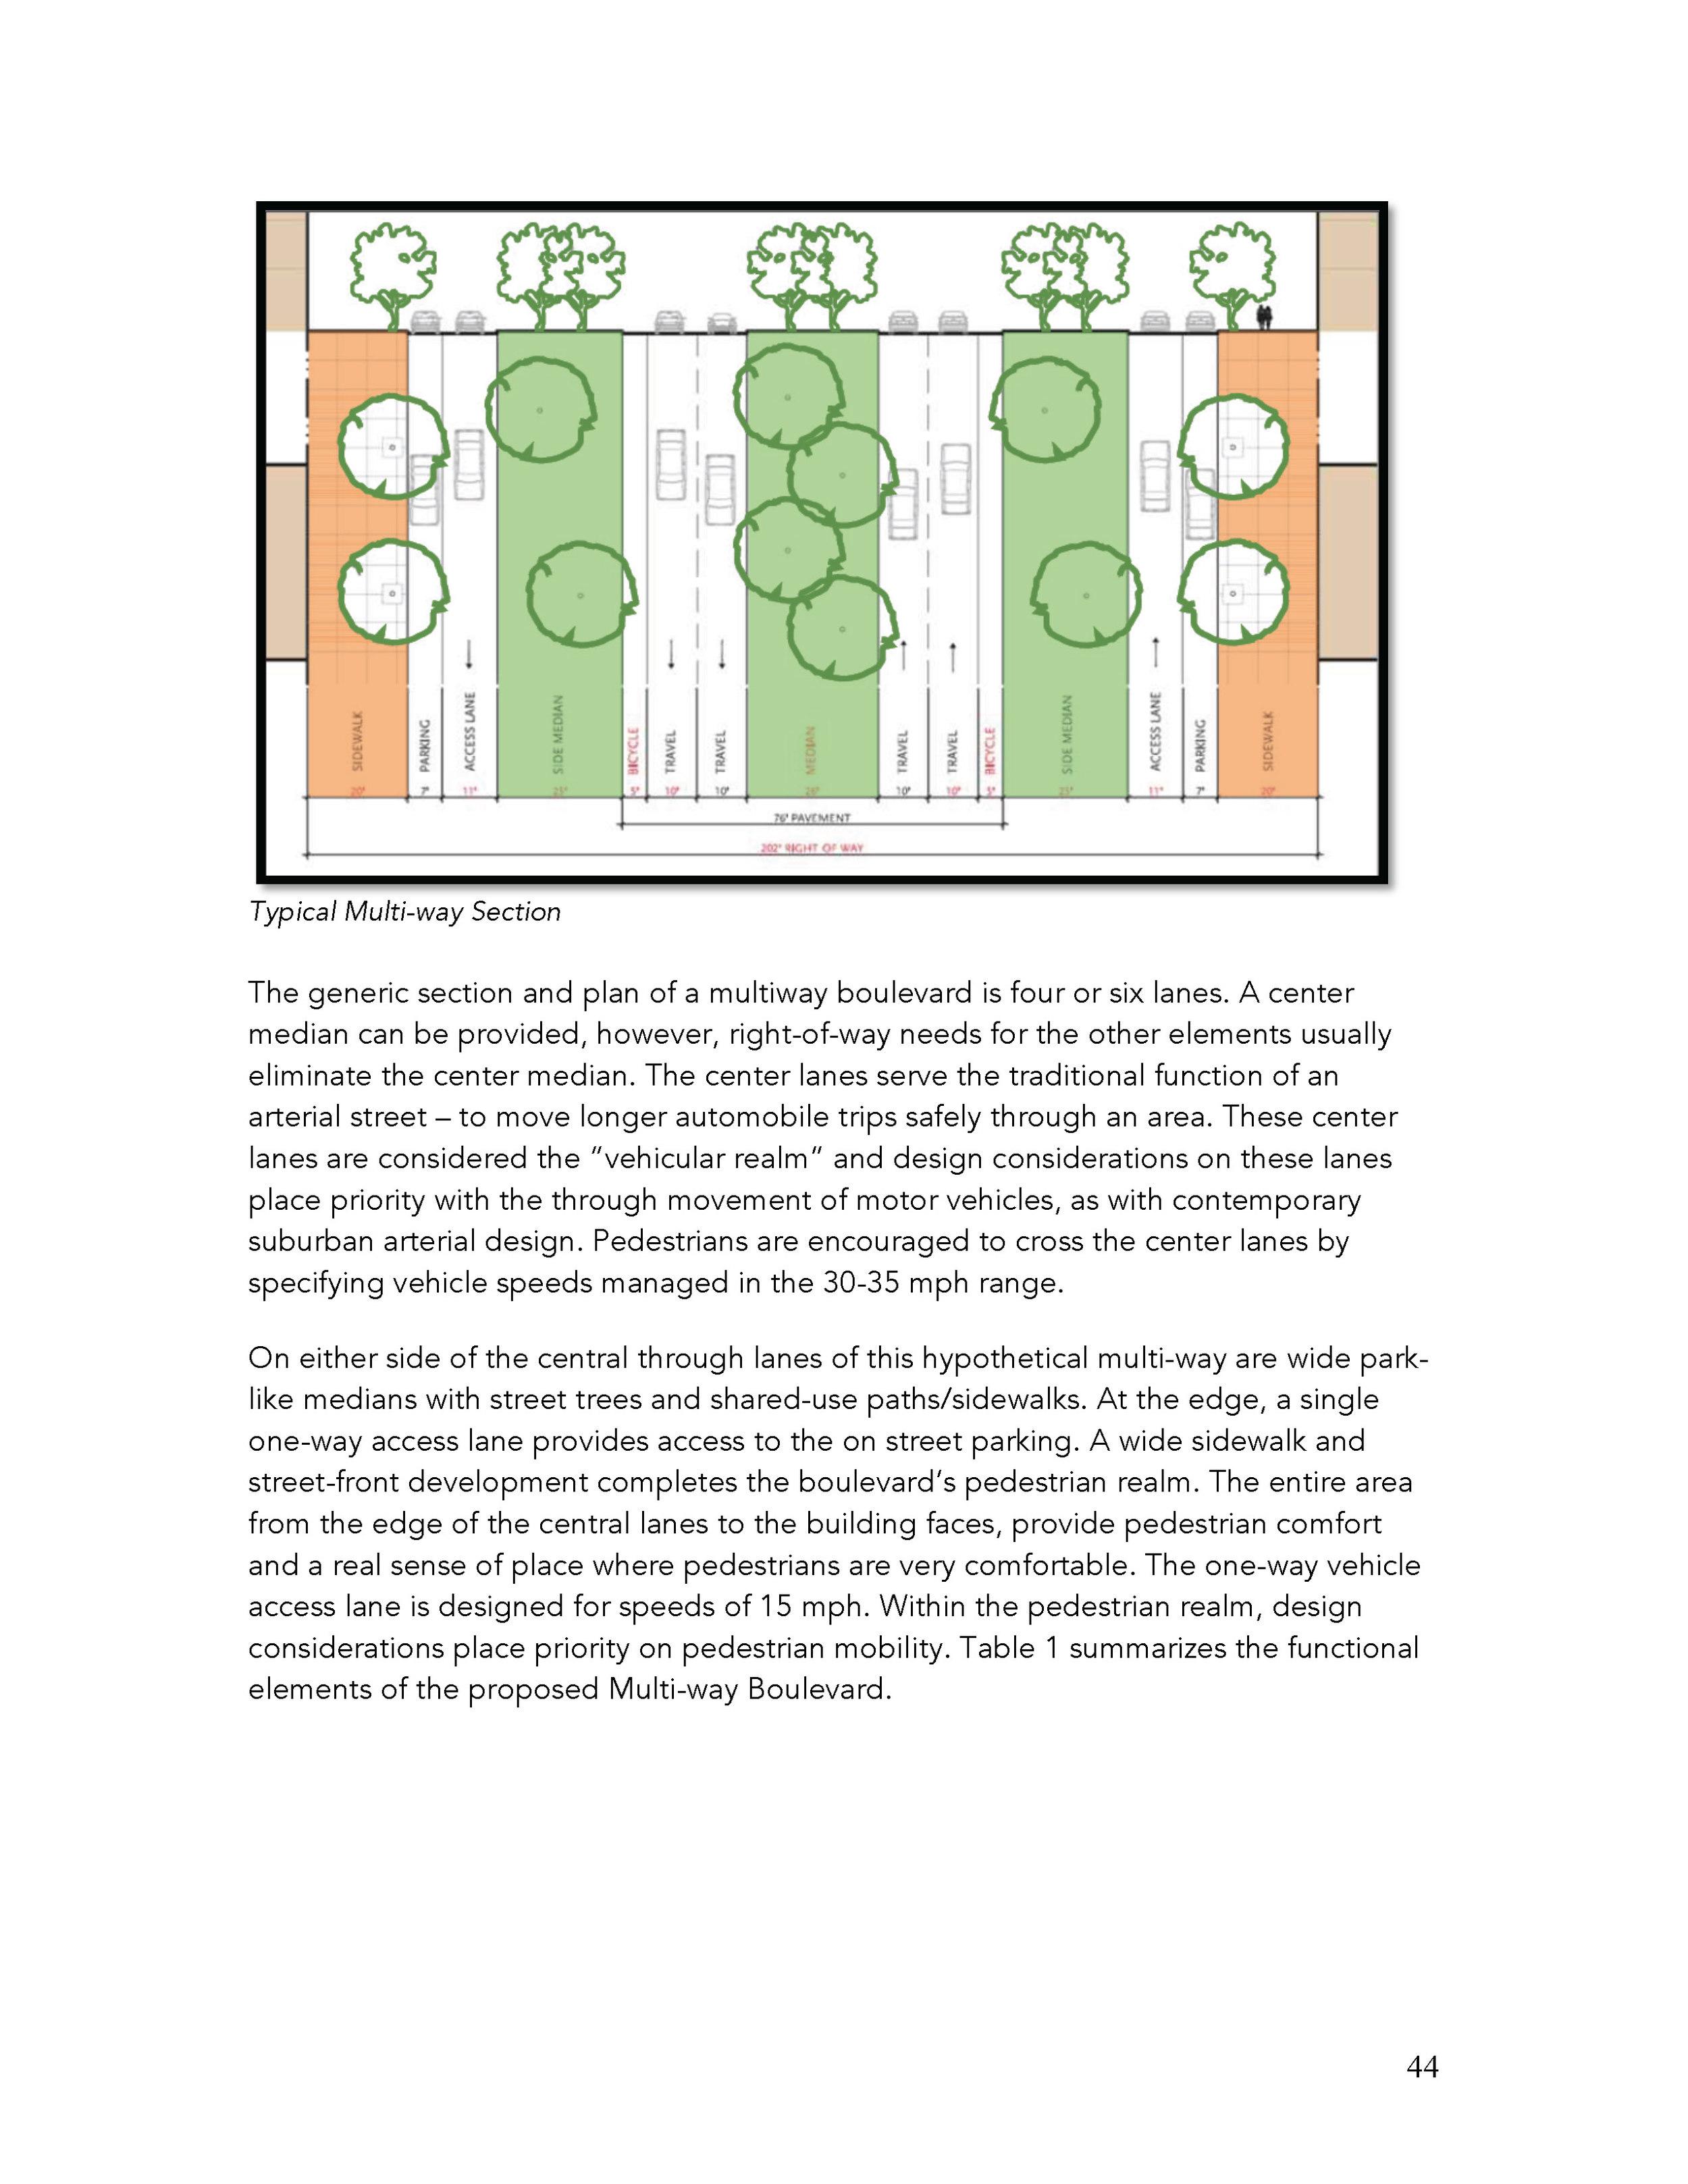 1 WilkinsonBlvd Draft Report 1-22-15 RH_Peter Edit_Page_44.jpg